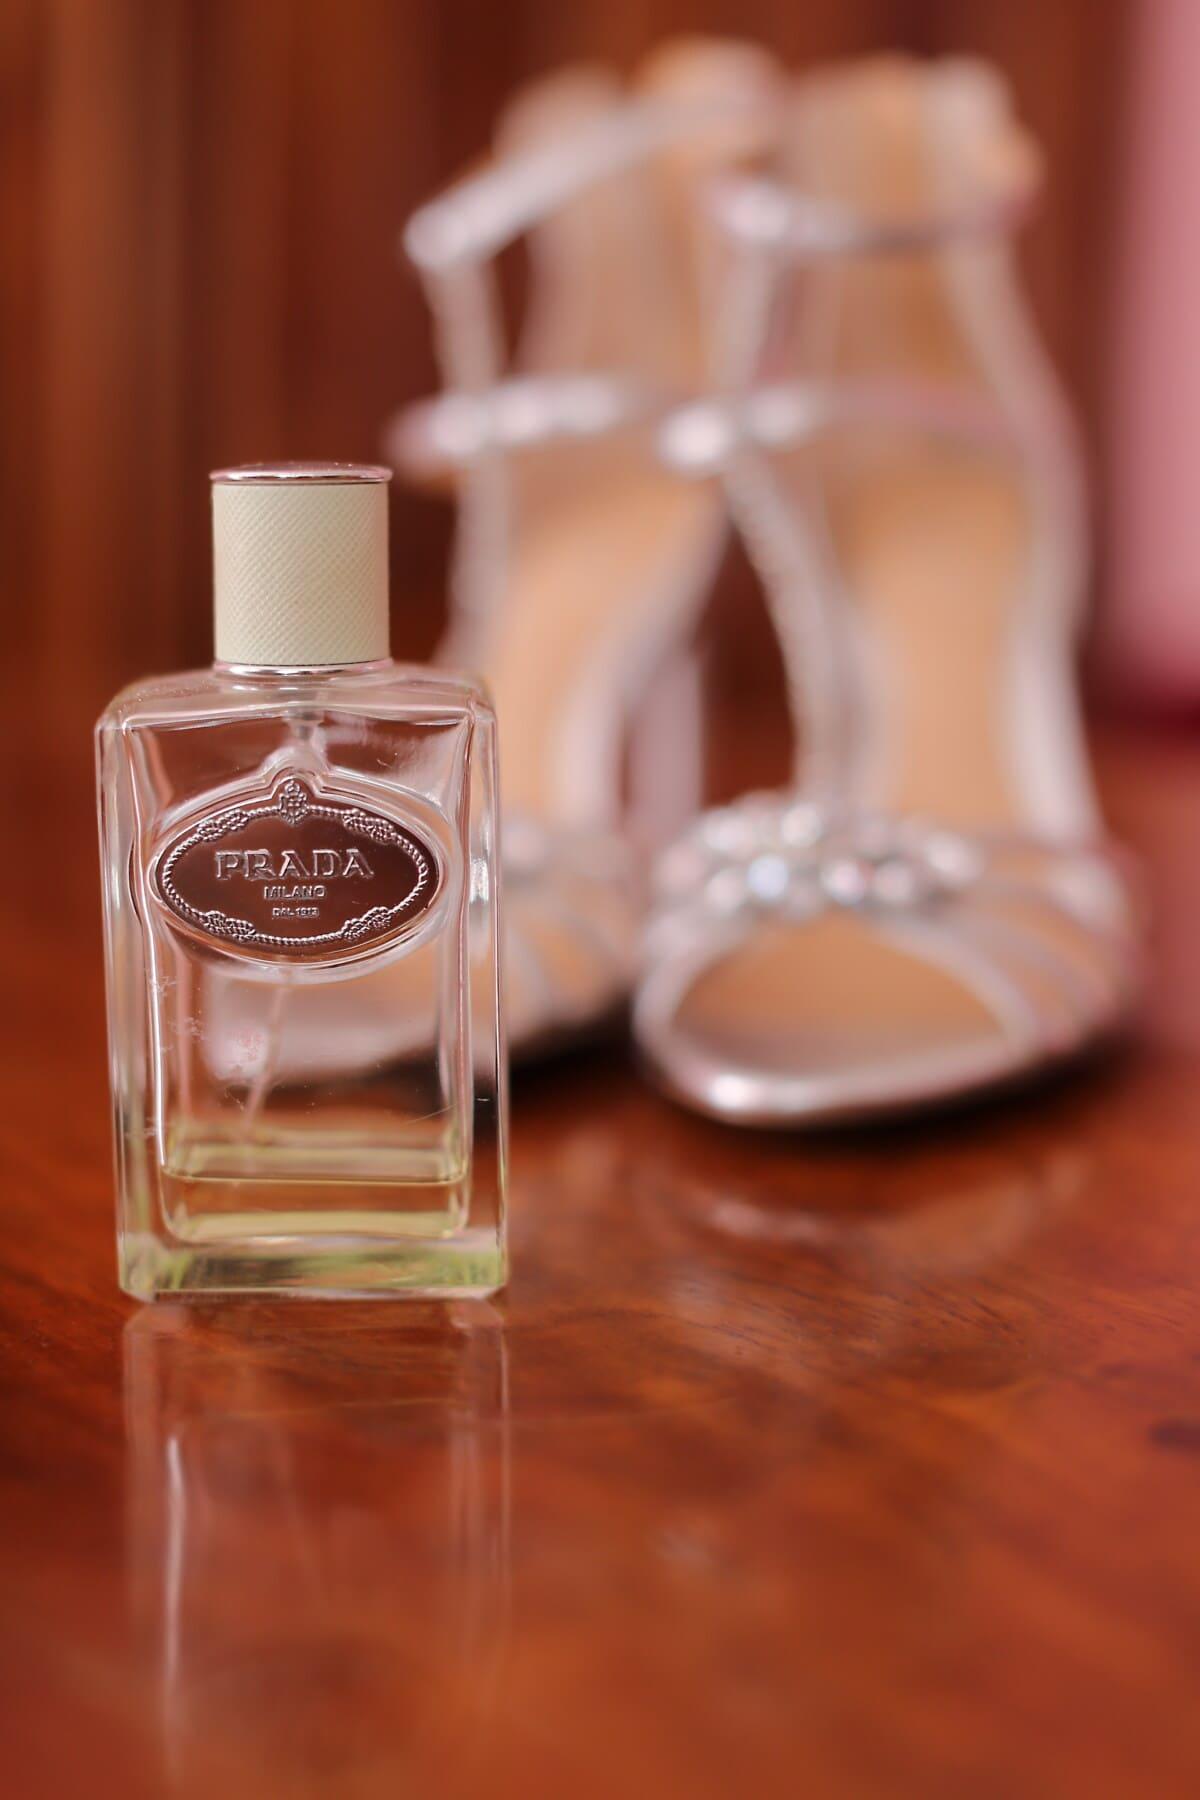 Prada Parfüm, Flasche, Schuhe, Sandale, Flüssigkeit, Glas, Luxus, Holz, elegant, Behandlung